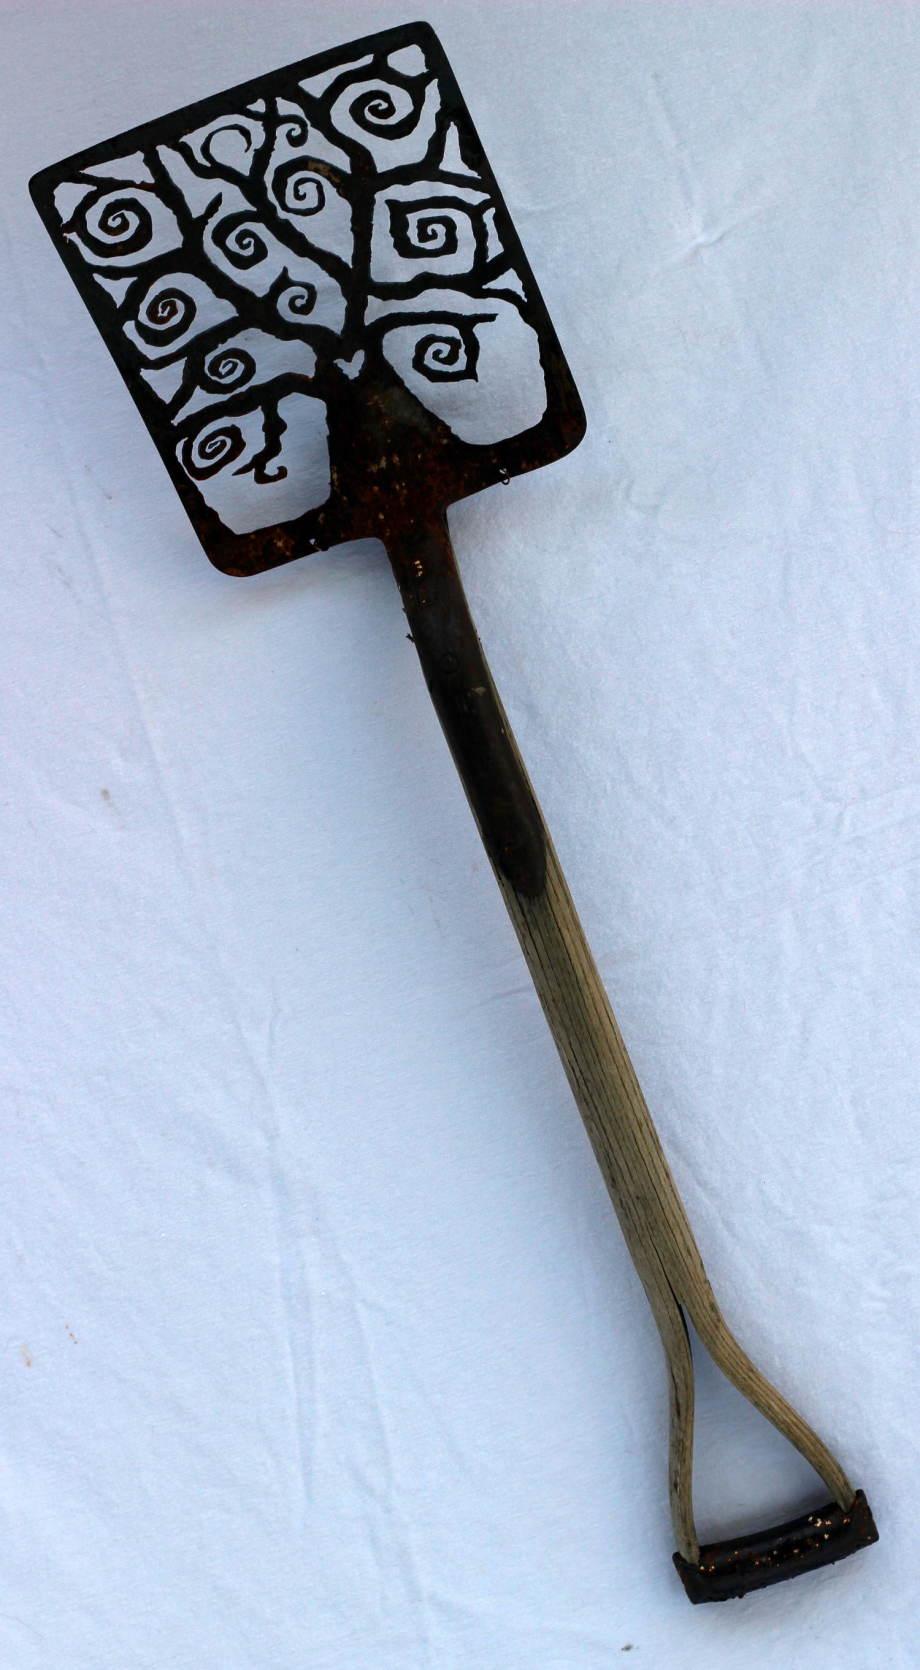 Spiral Tree Antique shovel